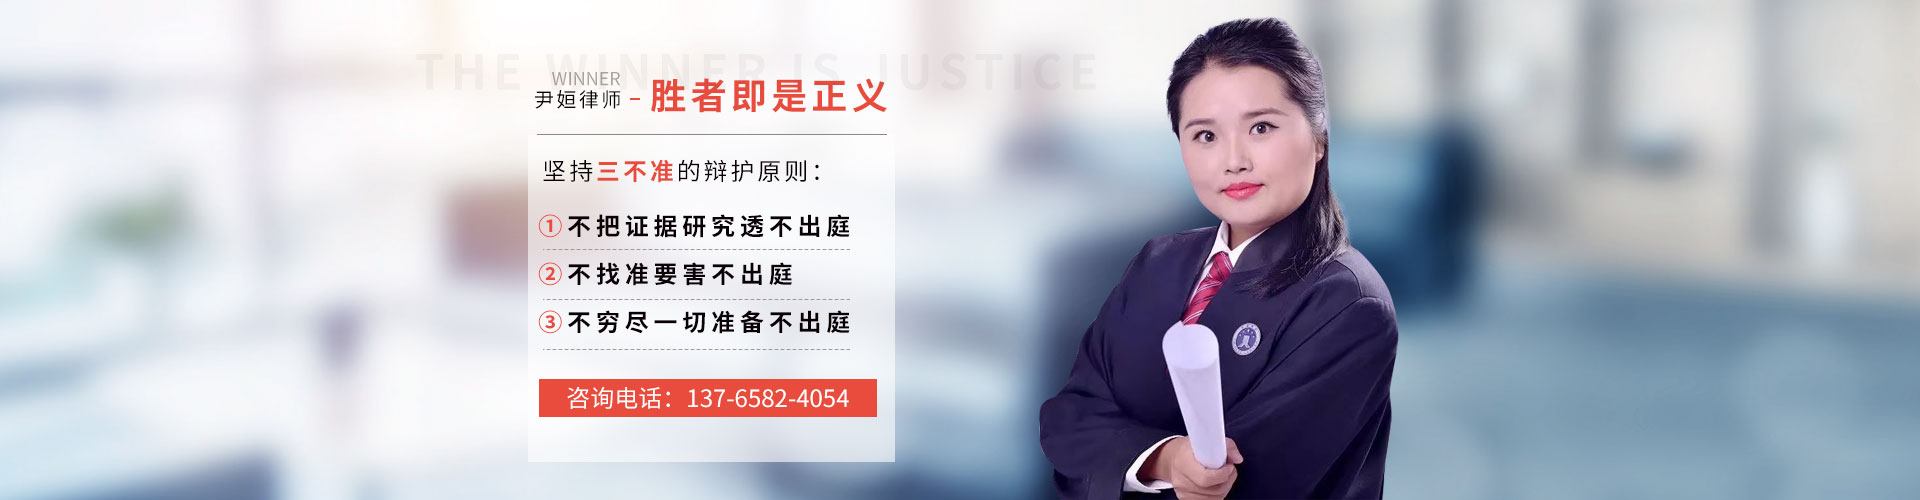 贵阳尹姮律师